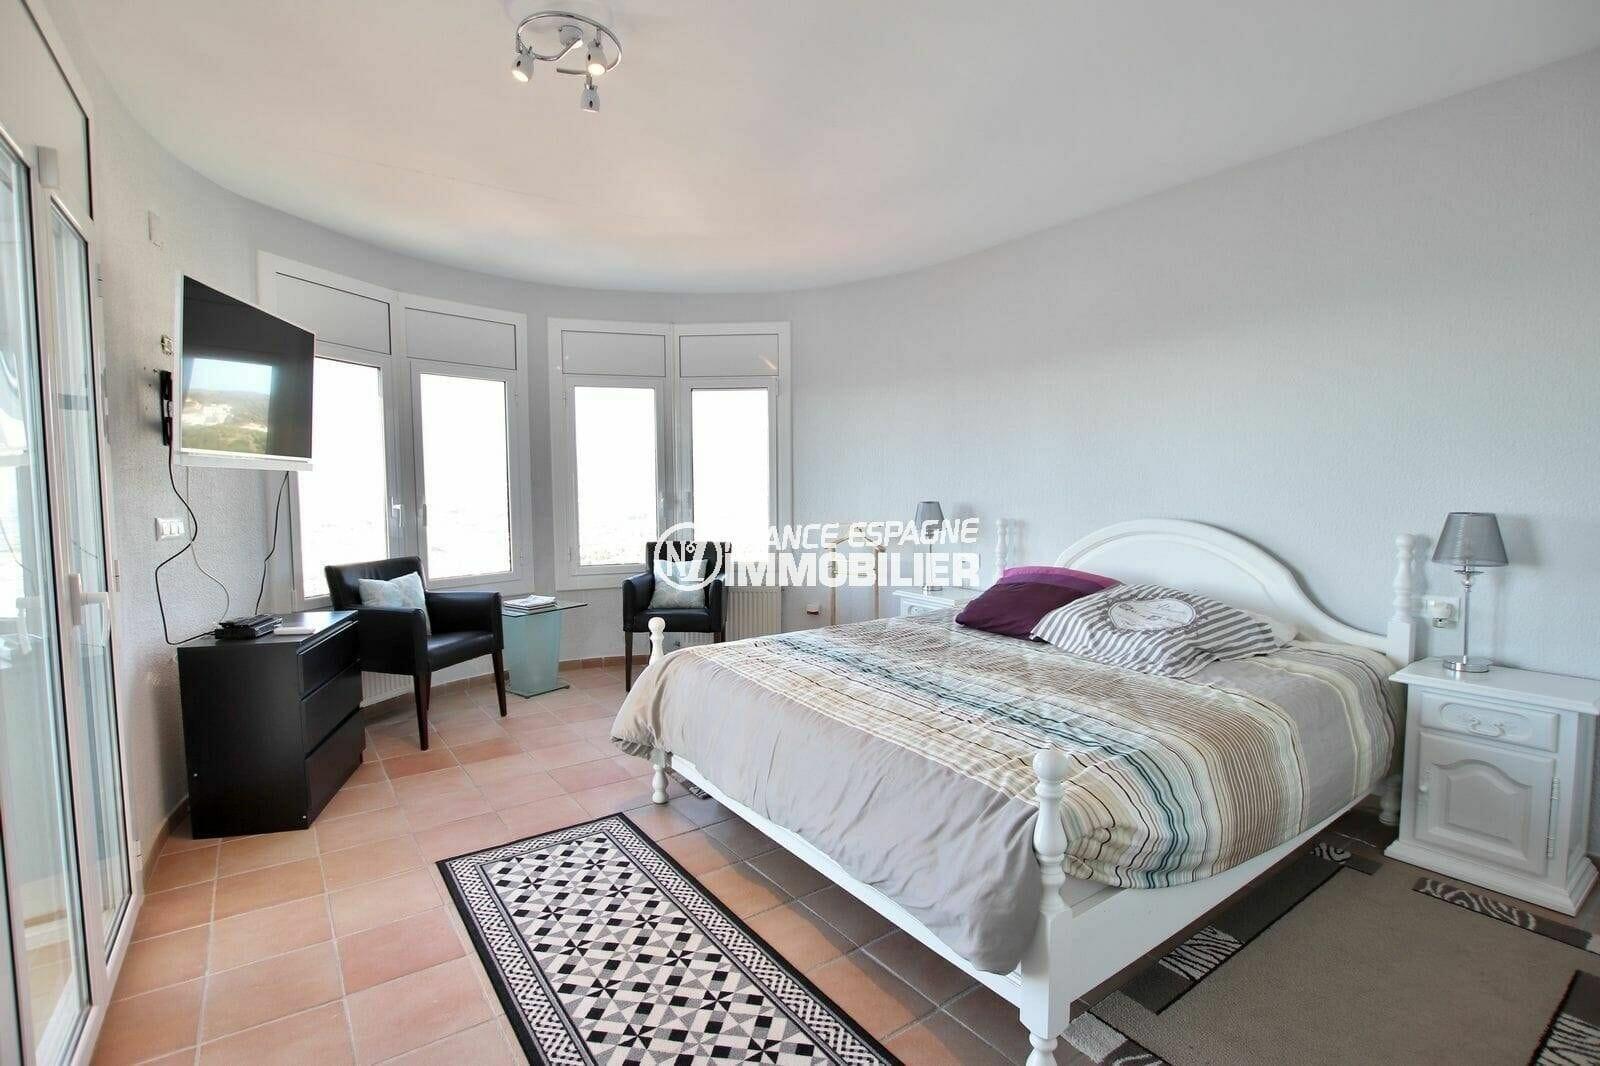 achat rosas espagne: villa 414 m², troisième chambre lumineuse avec lit double